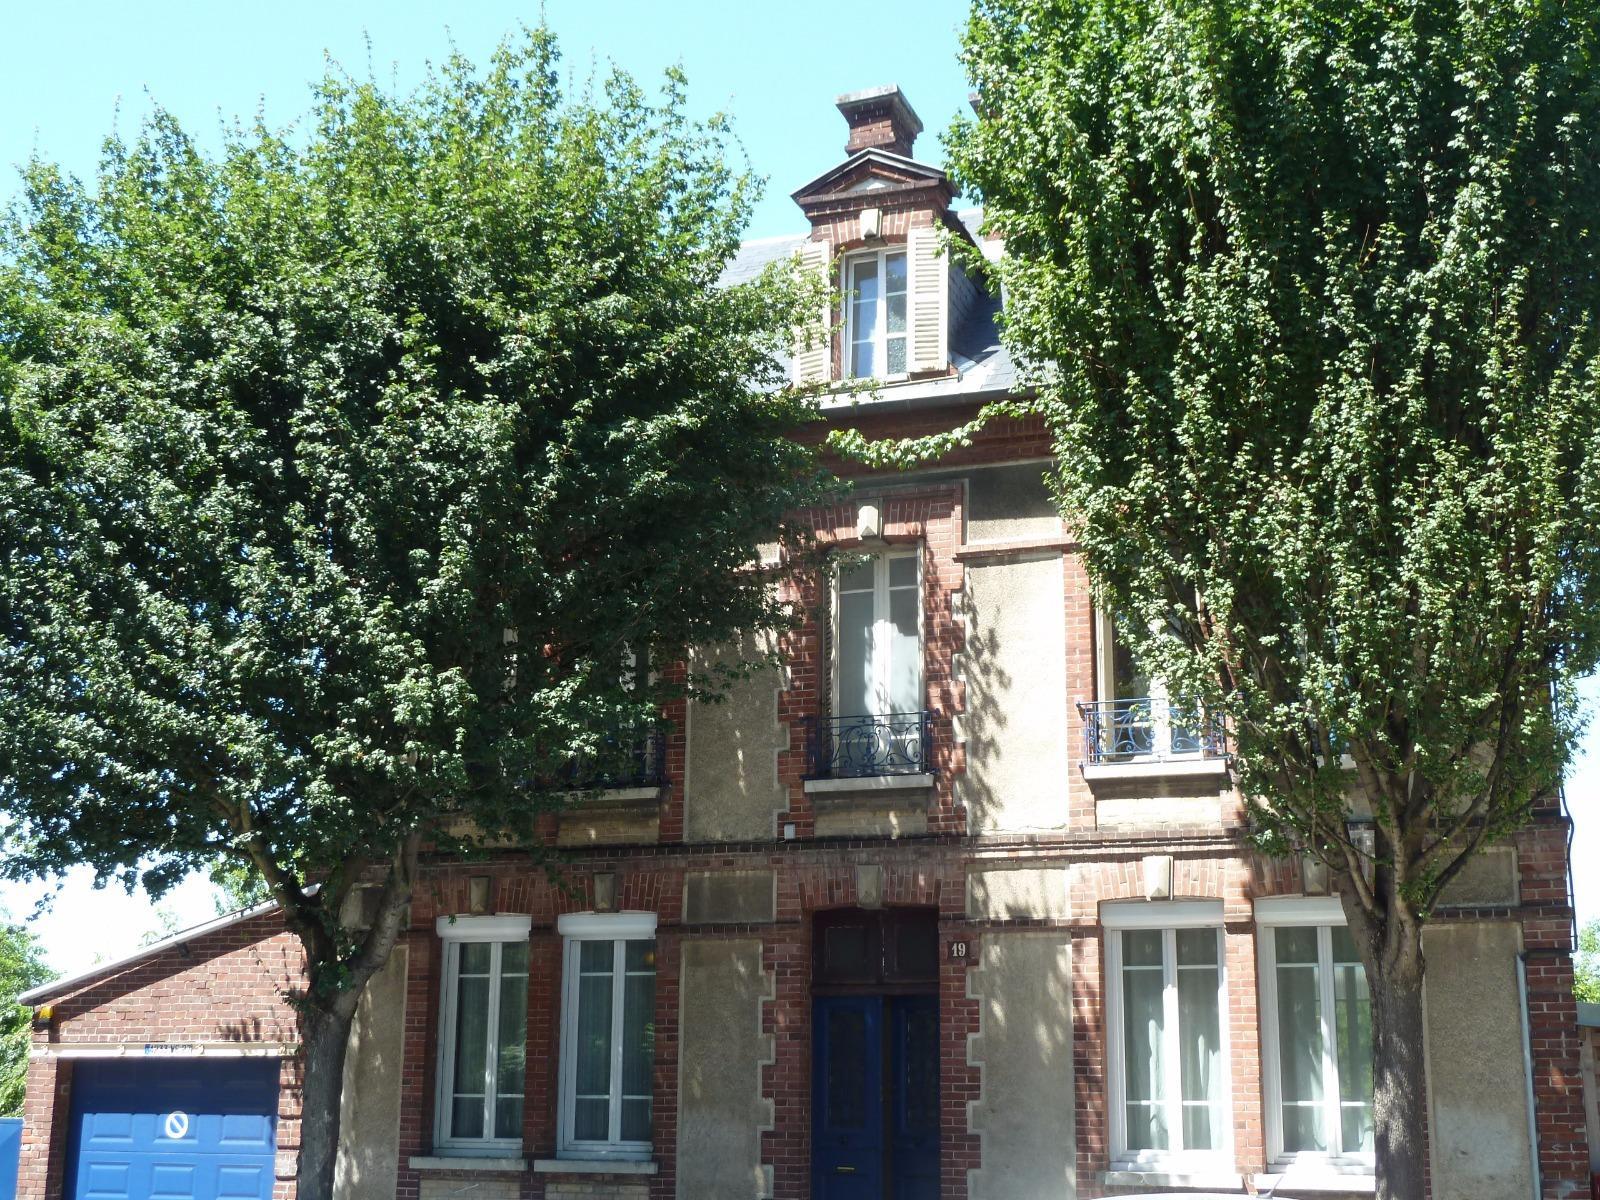 vente maisons sur Evreux et environs